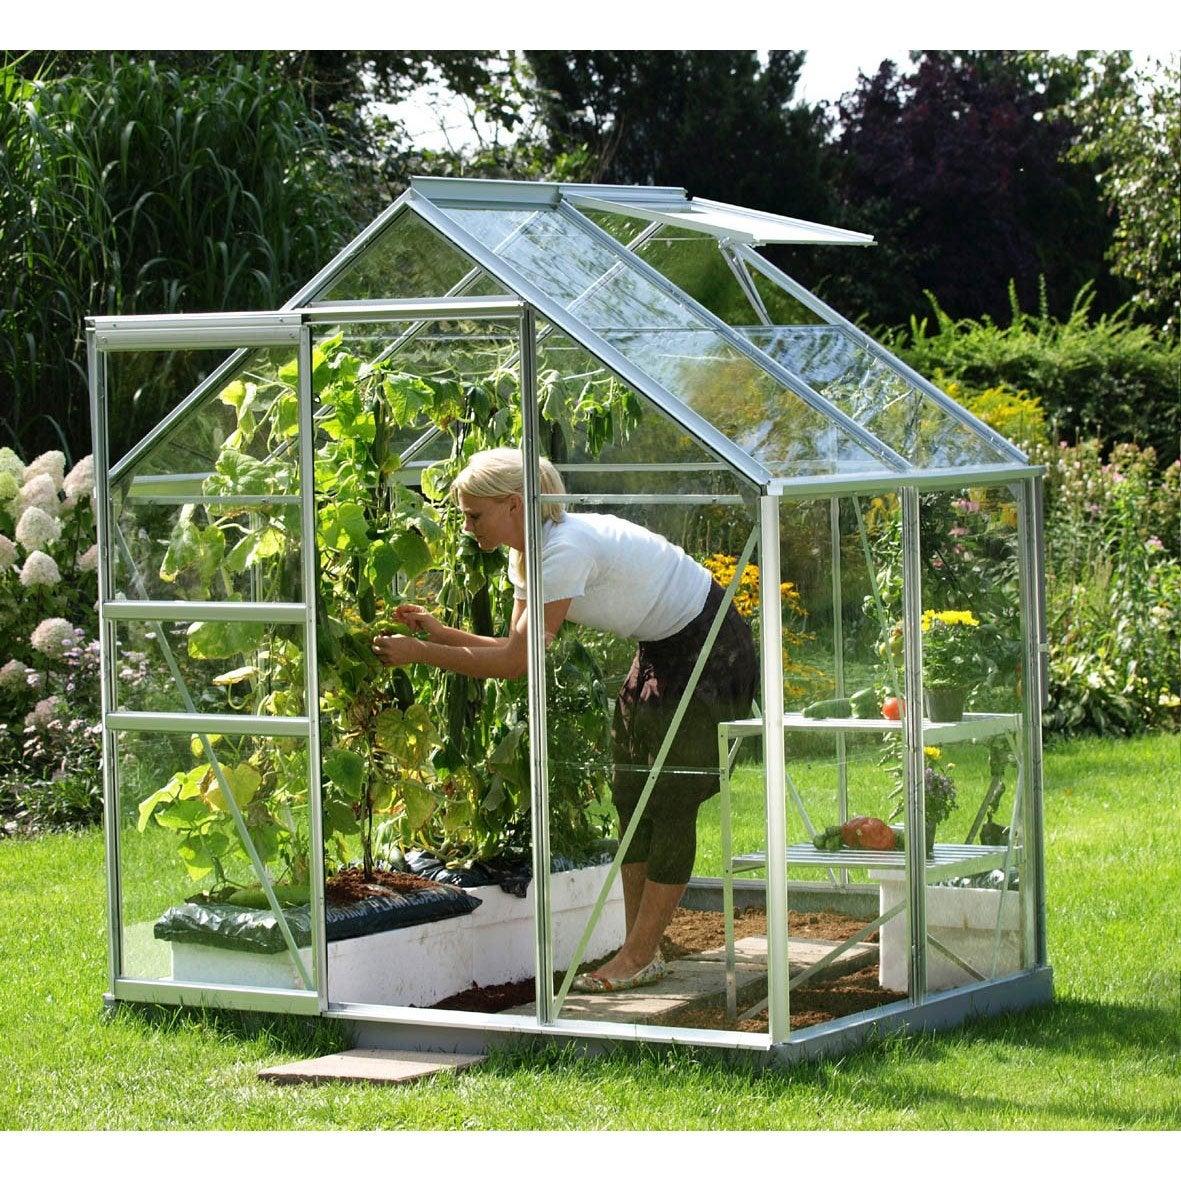 Serre egt venus 2500 verre horticole m leroy merlin - Serre jardin leroy merlin ...